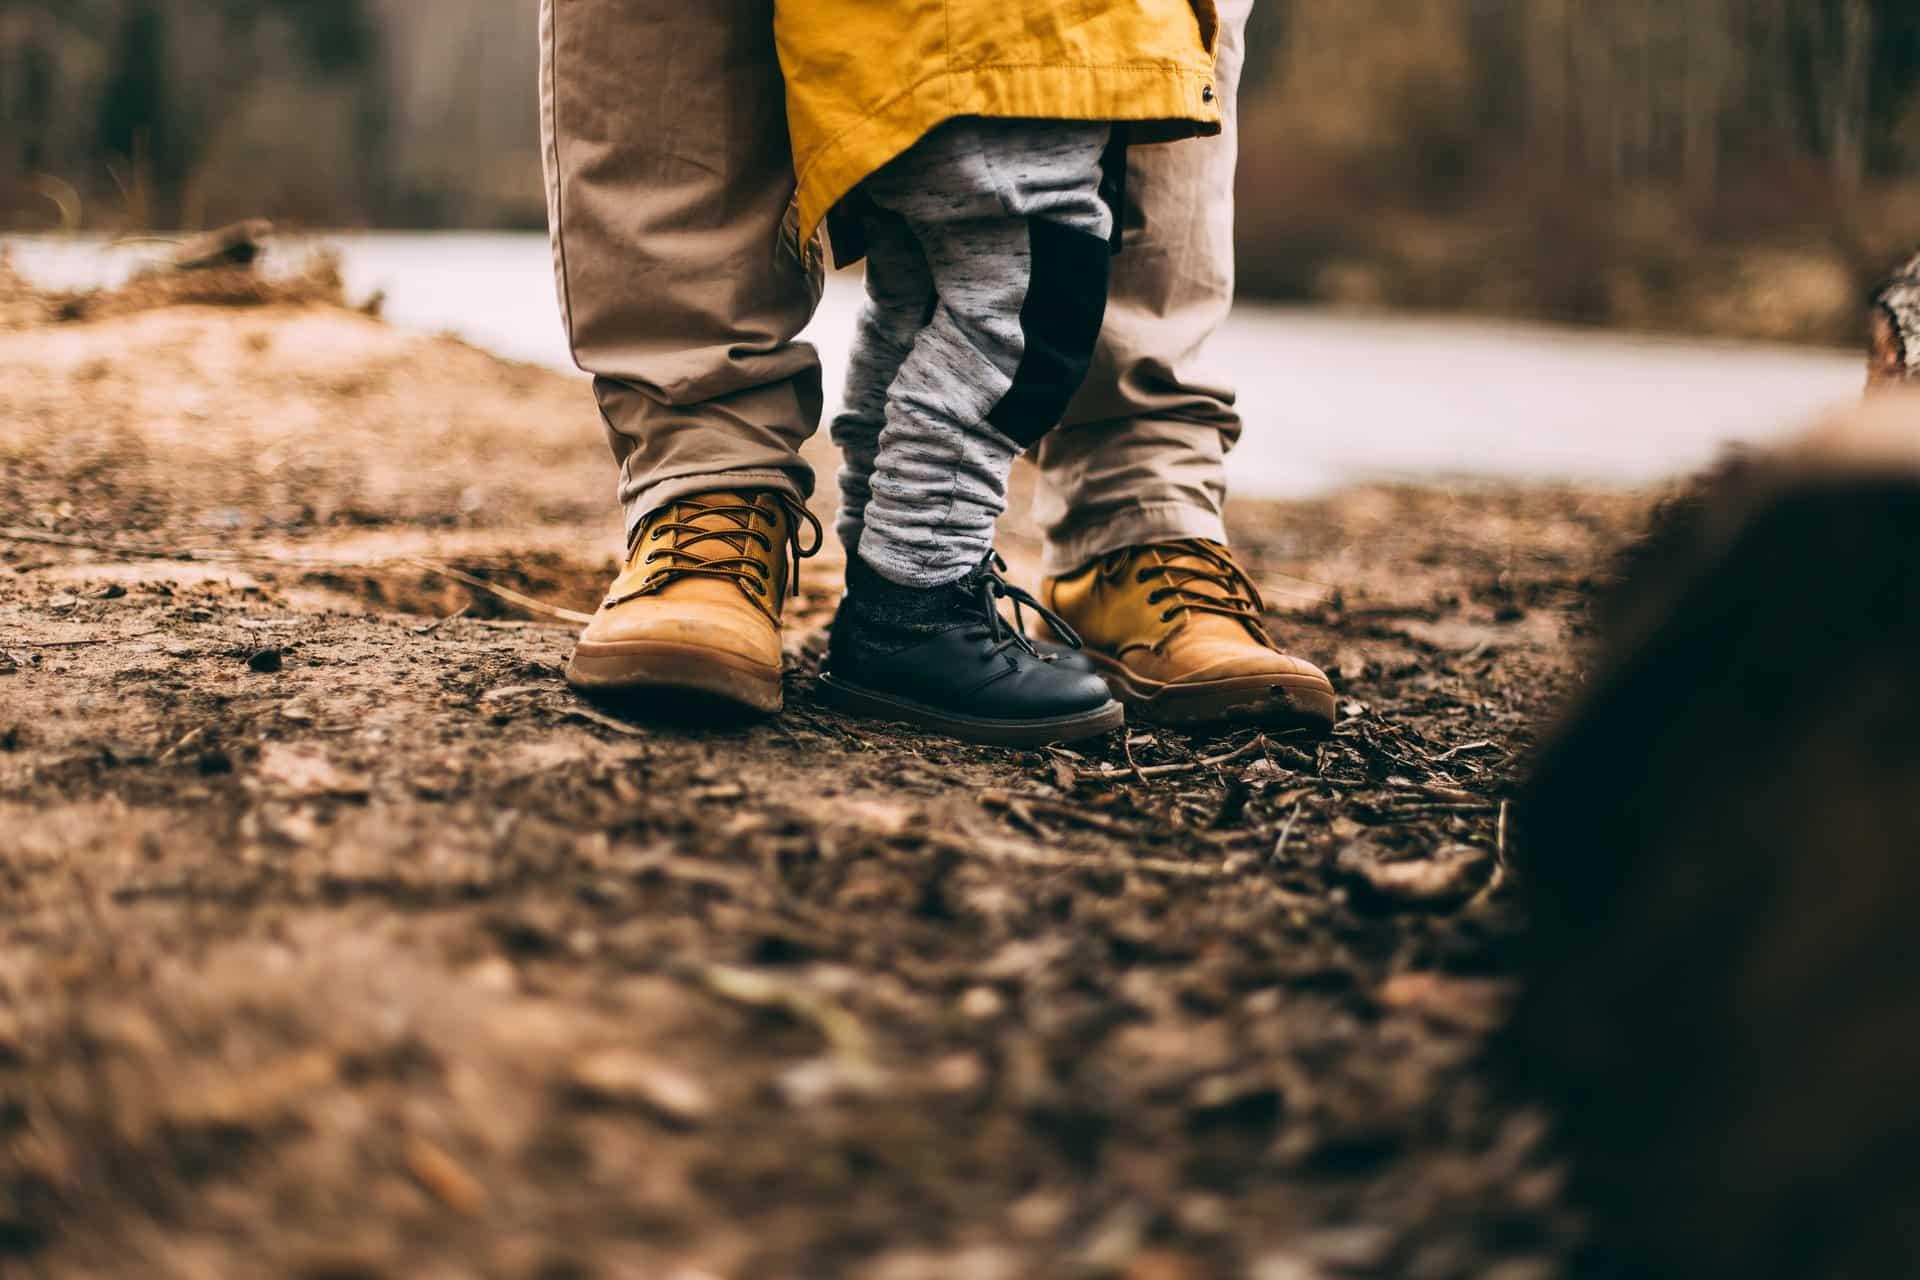 Auf dem Bild sieht man die Beine und Füße von einem Mann und einem Kind. Beide haben Schuhe aus Leder an.